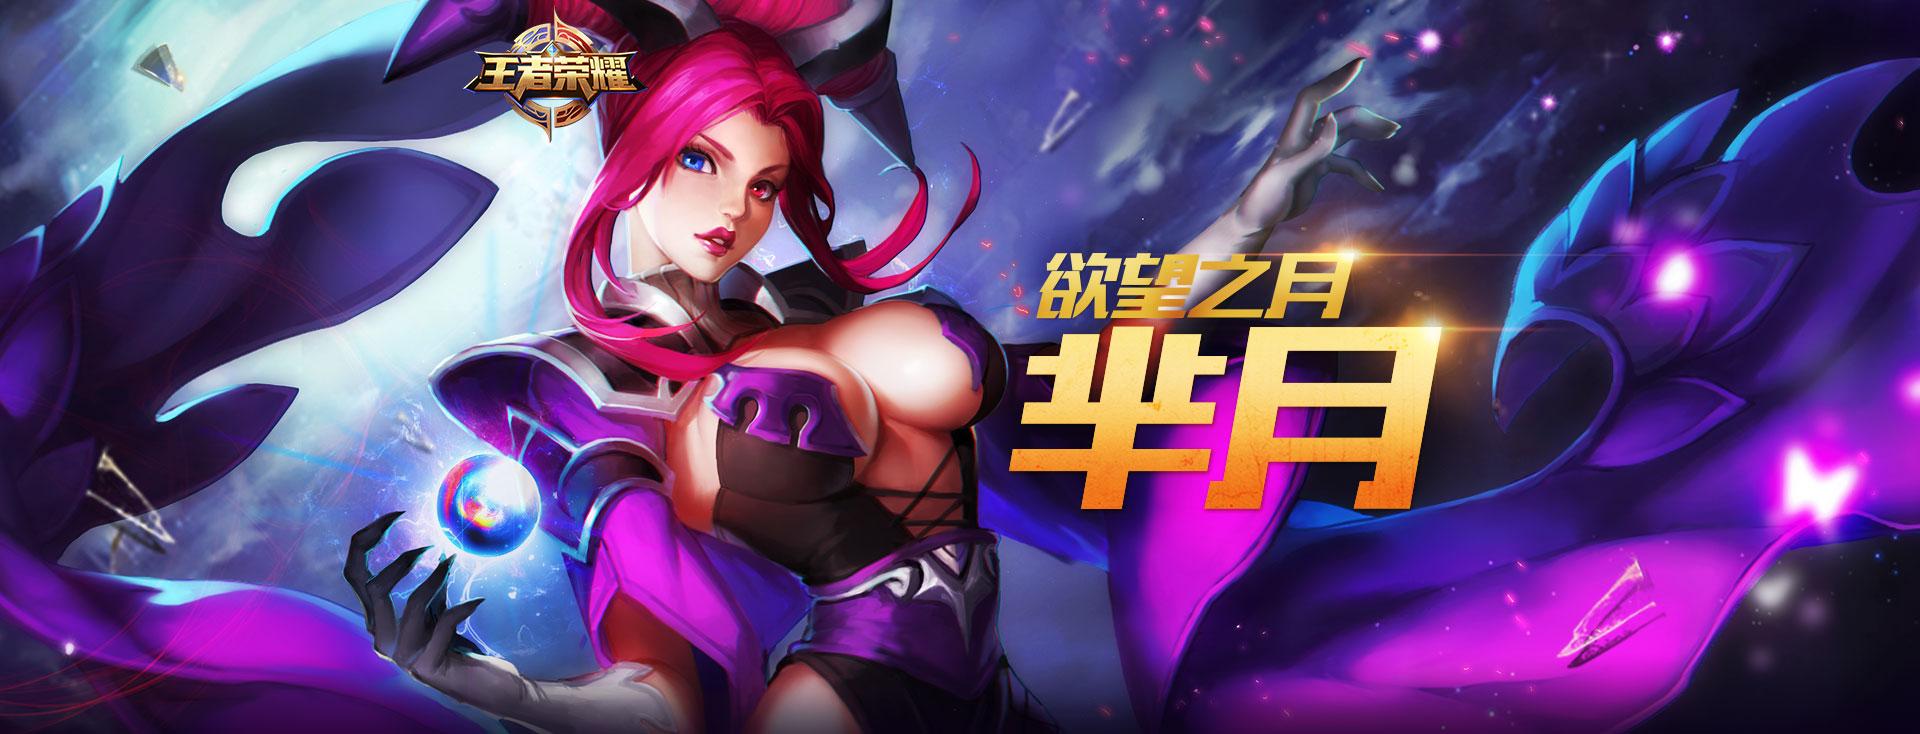 第2弹《王者荣耀英雄皮肤CG》竞技游戏104